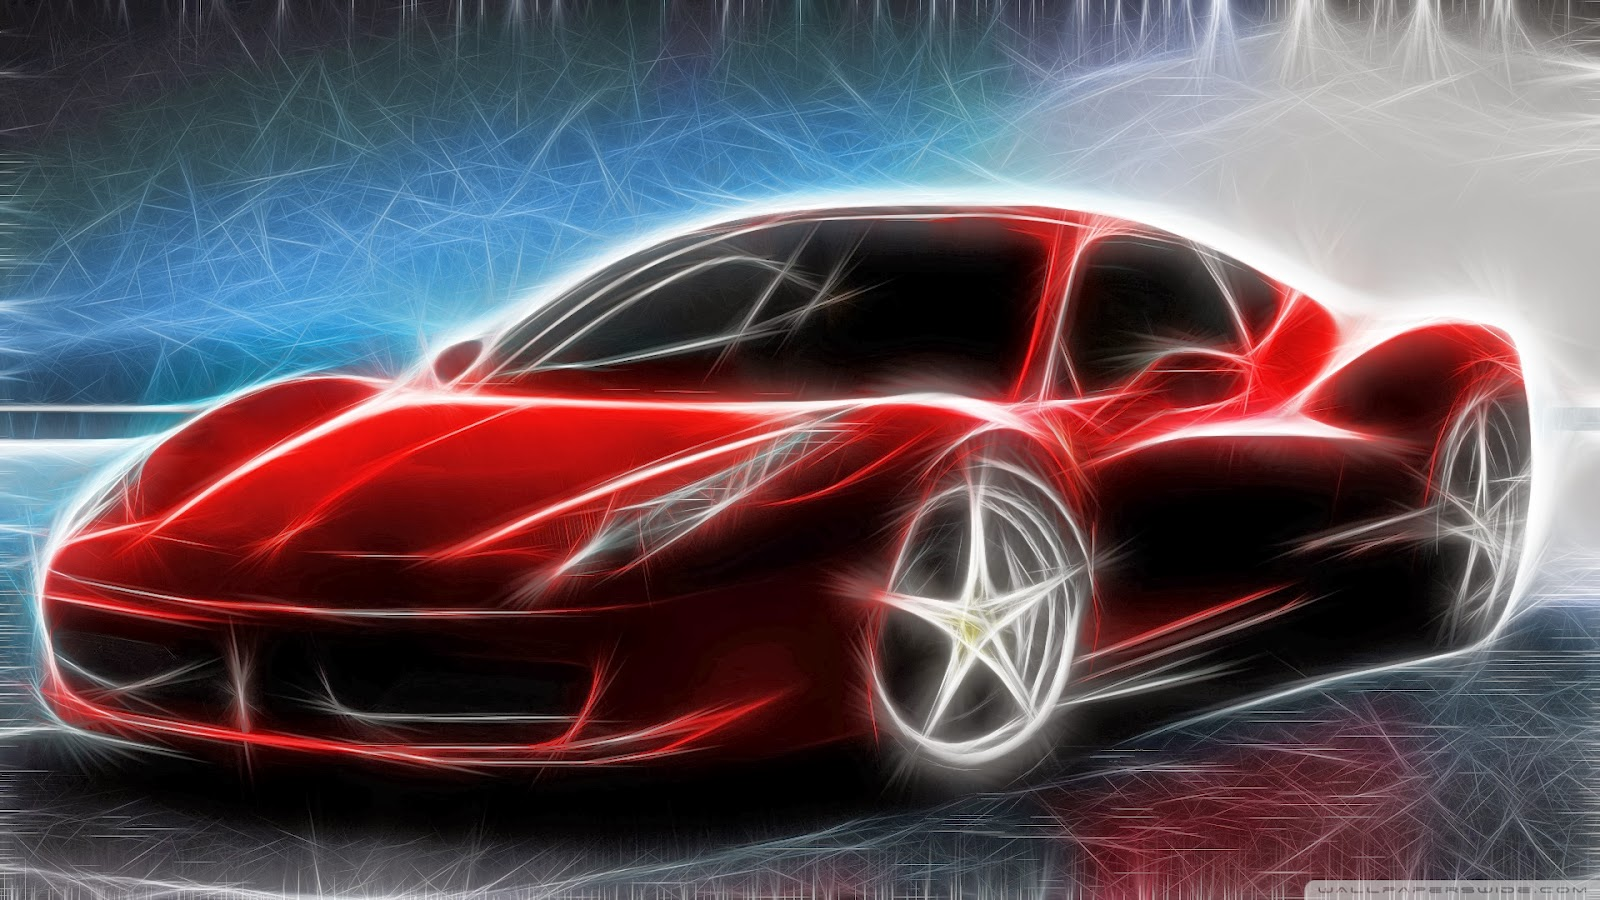 61+ Unduh Gambar Mobil Kartun Gratis Terbaru